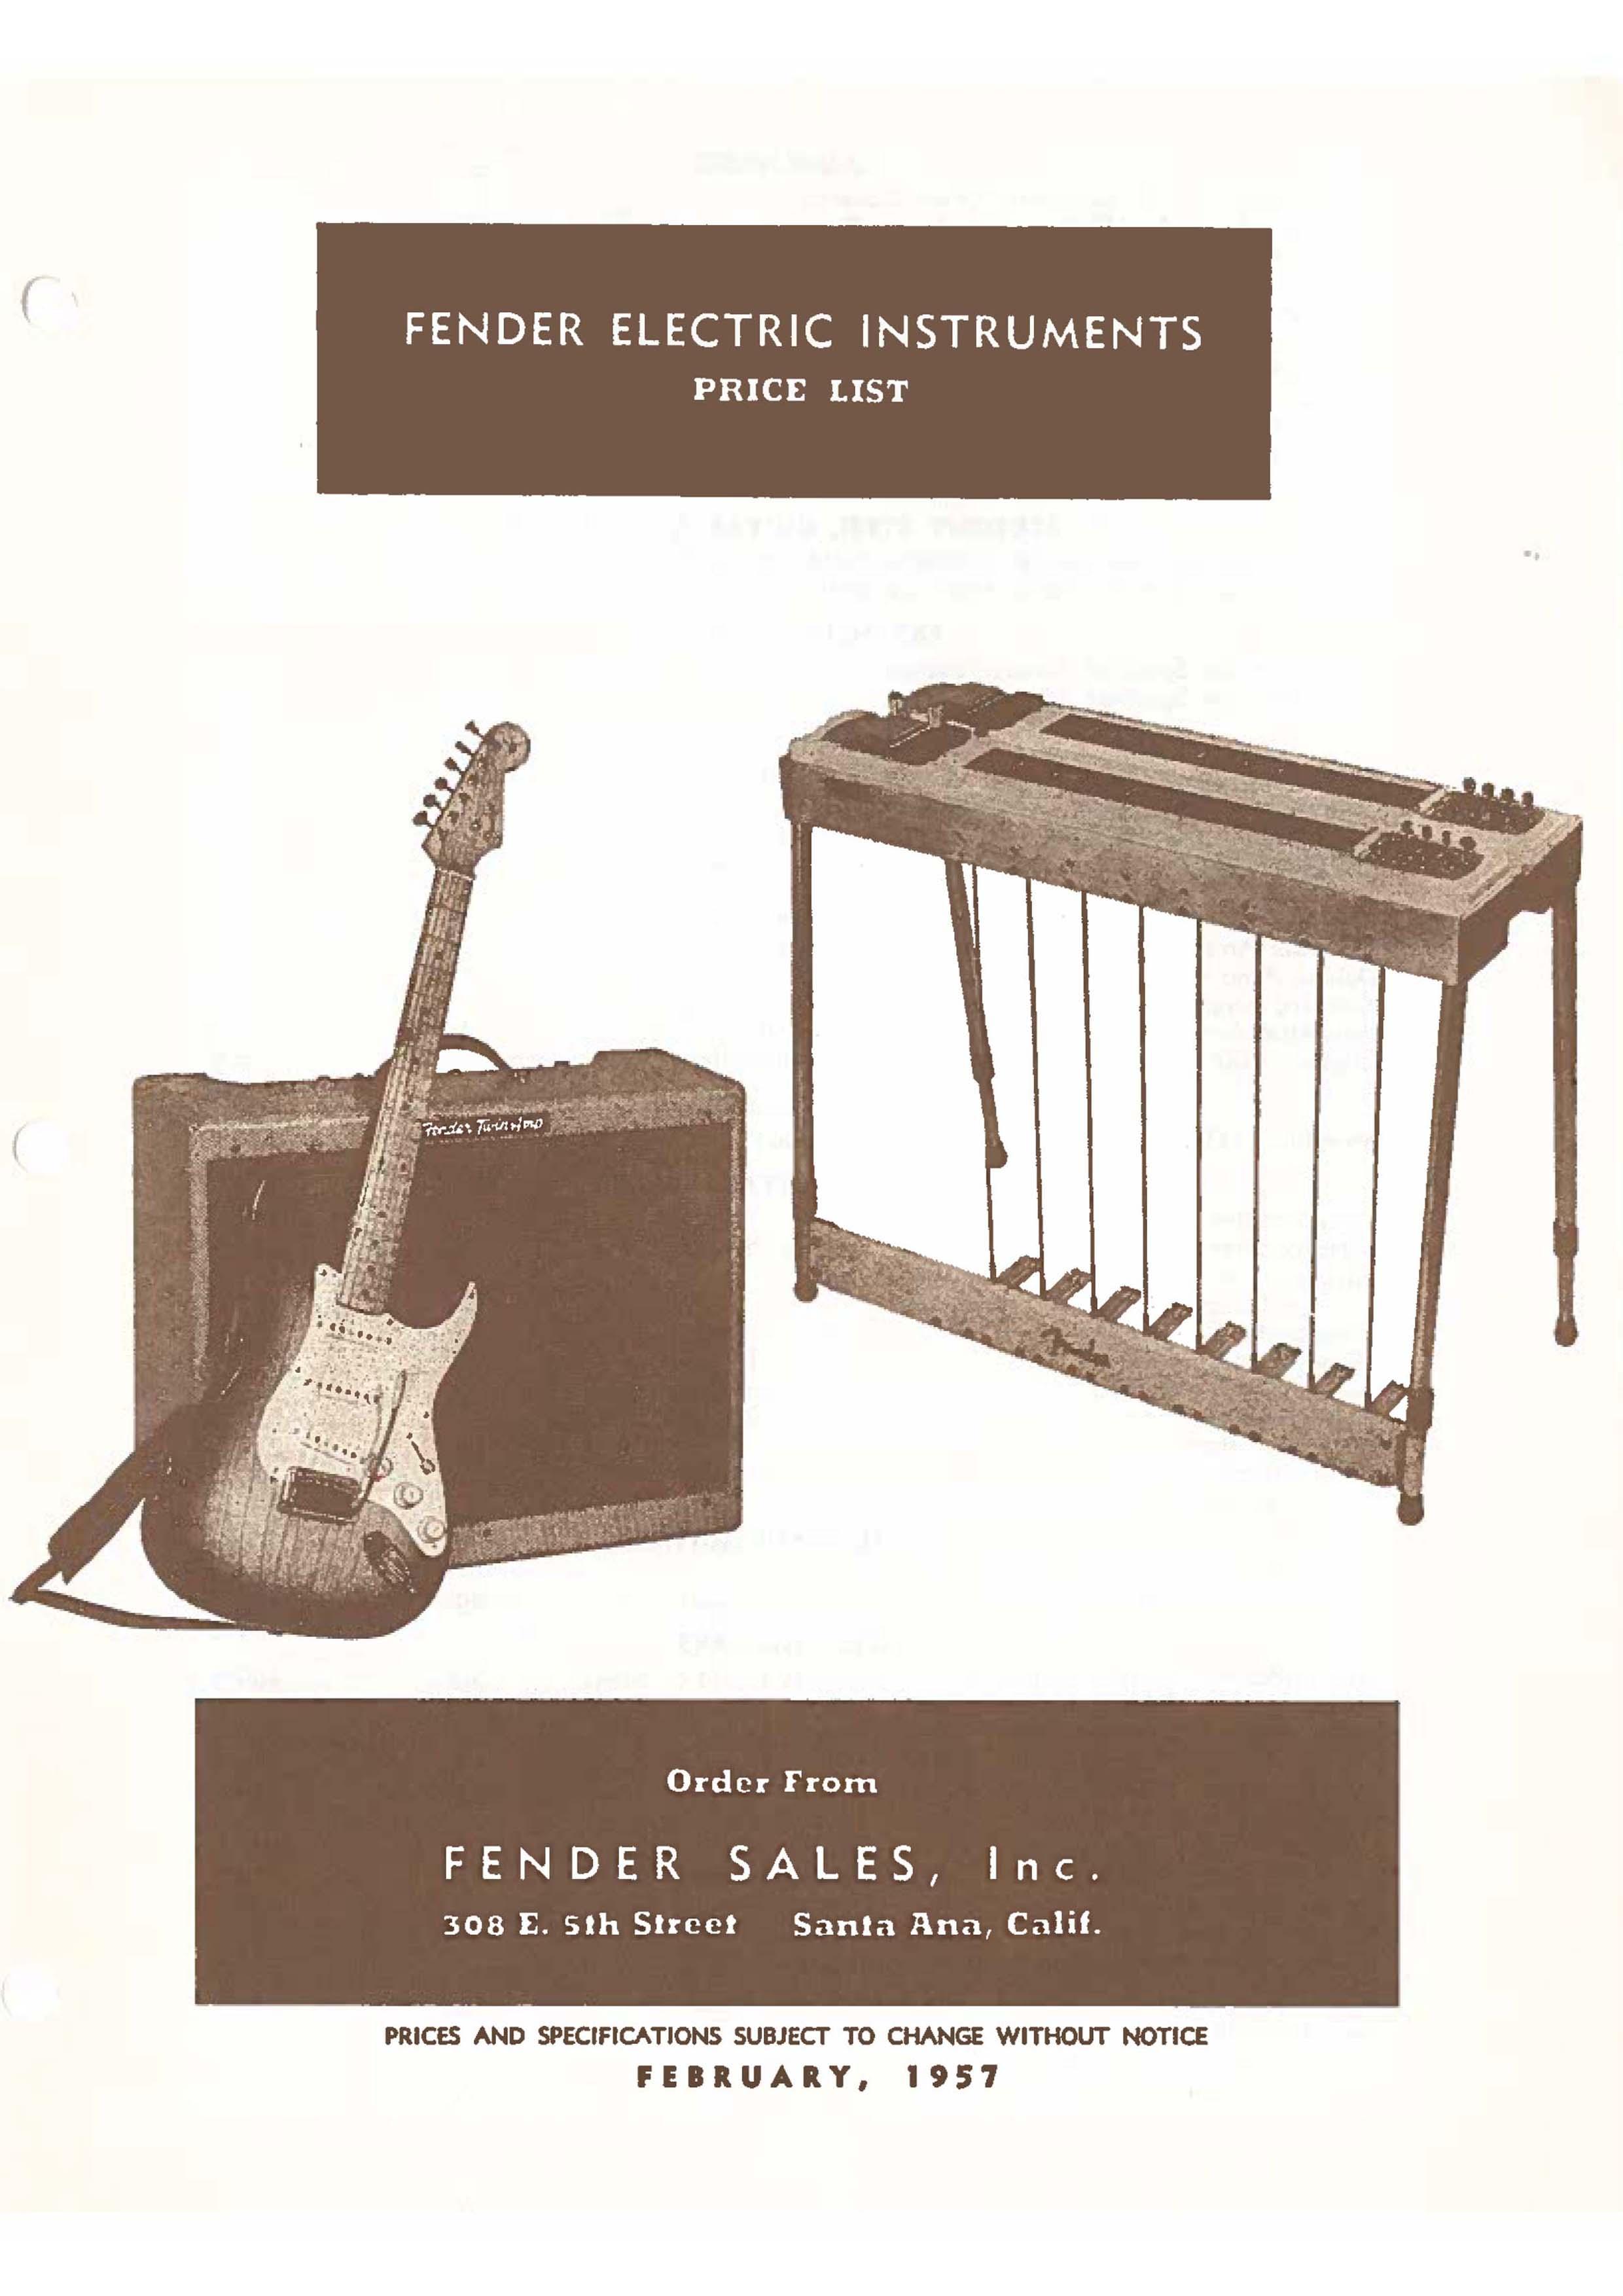 Fender Catalog 1957